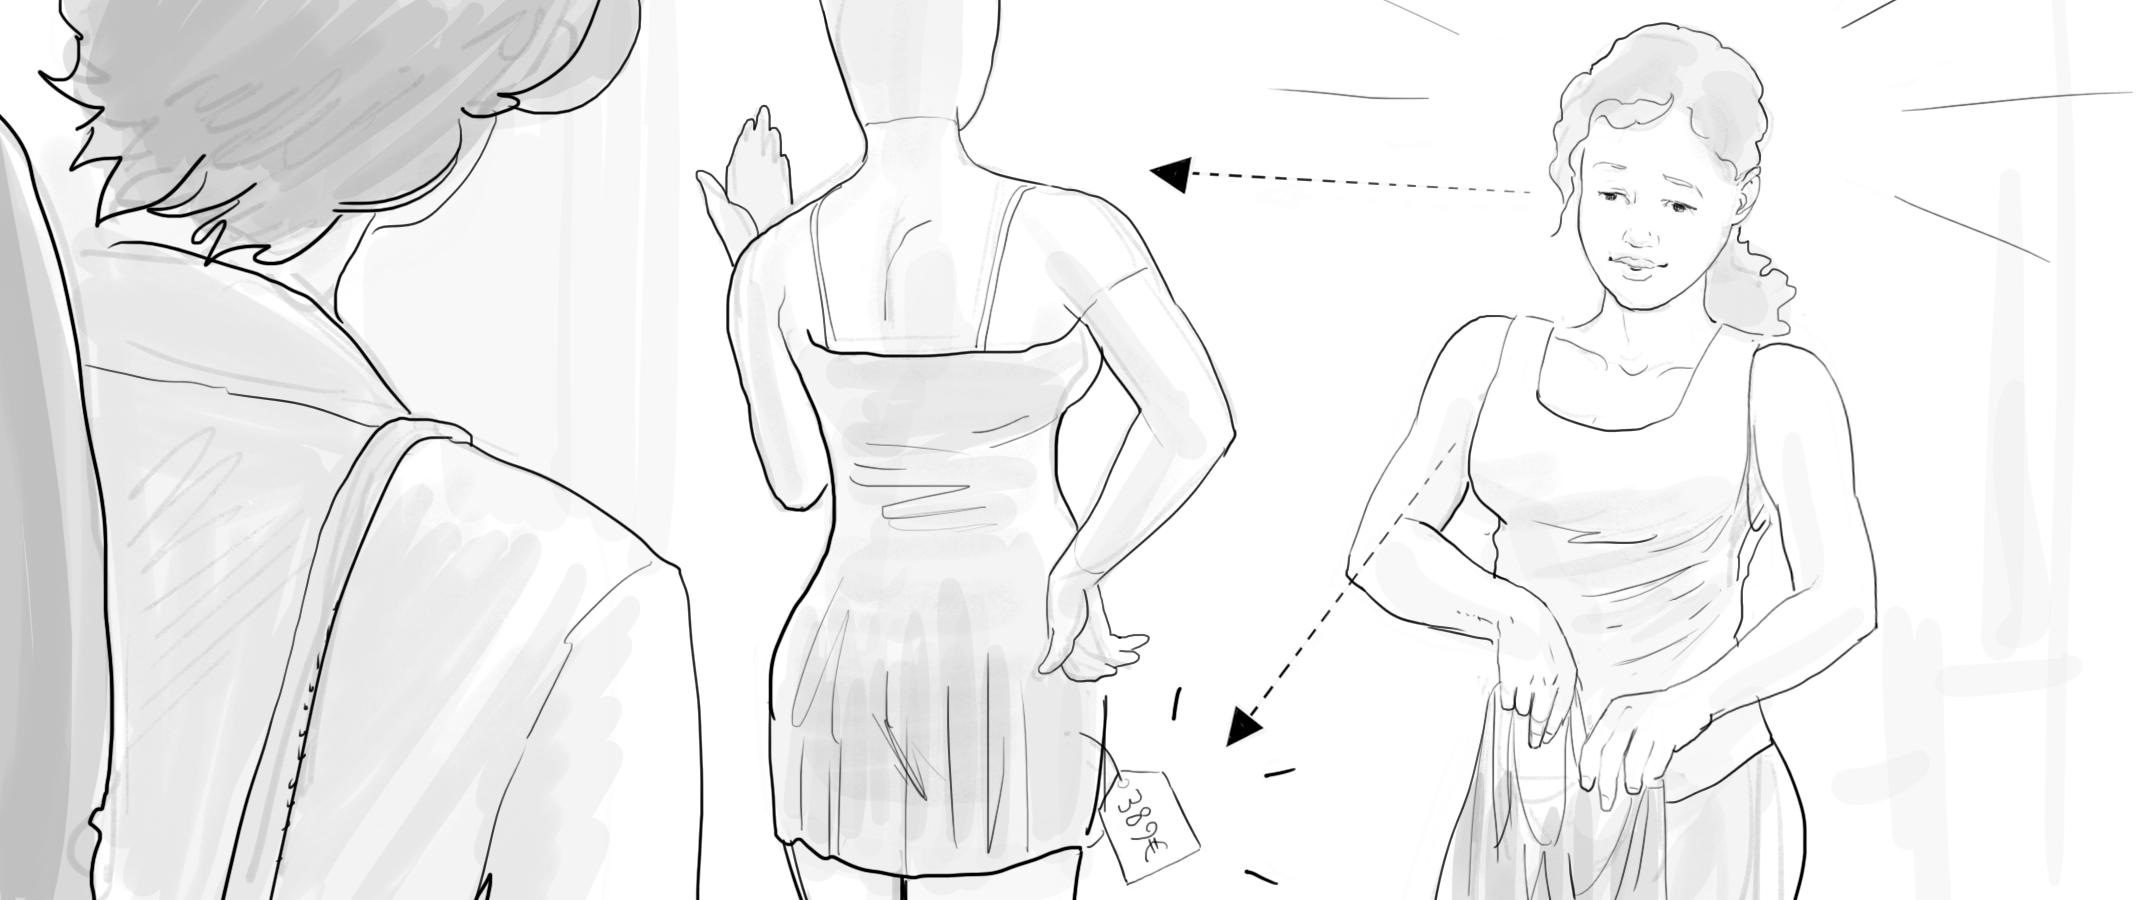 Winkel storyboard 04